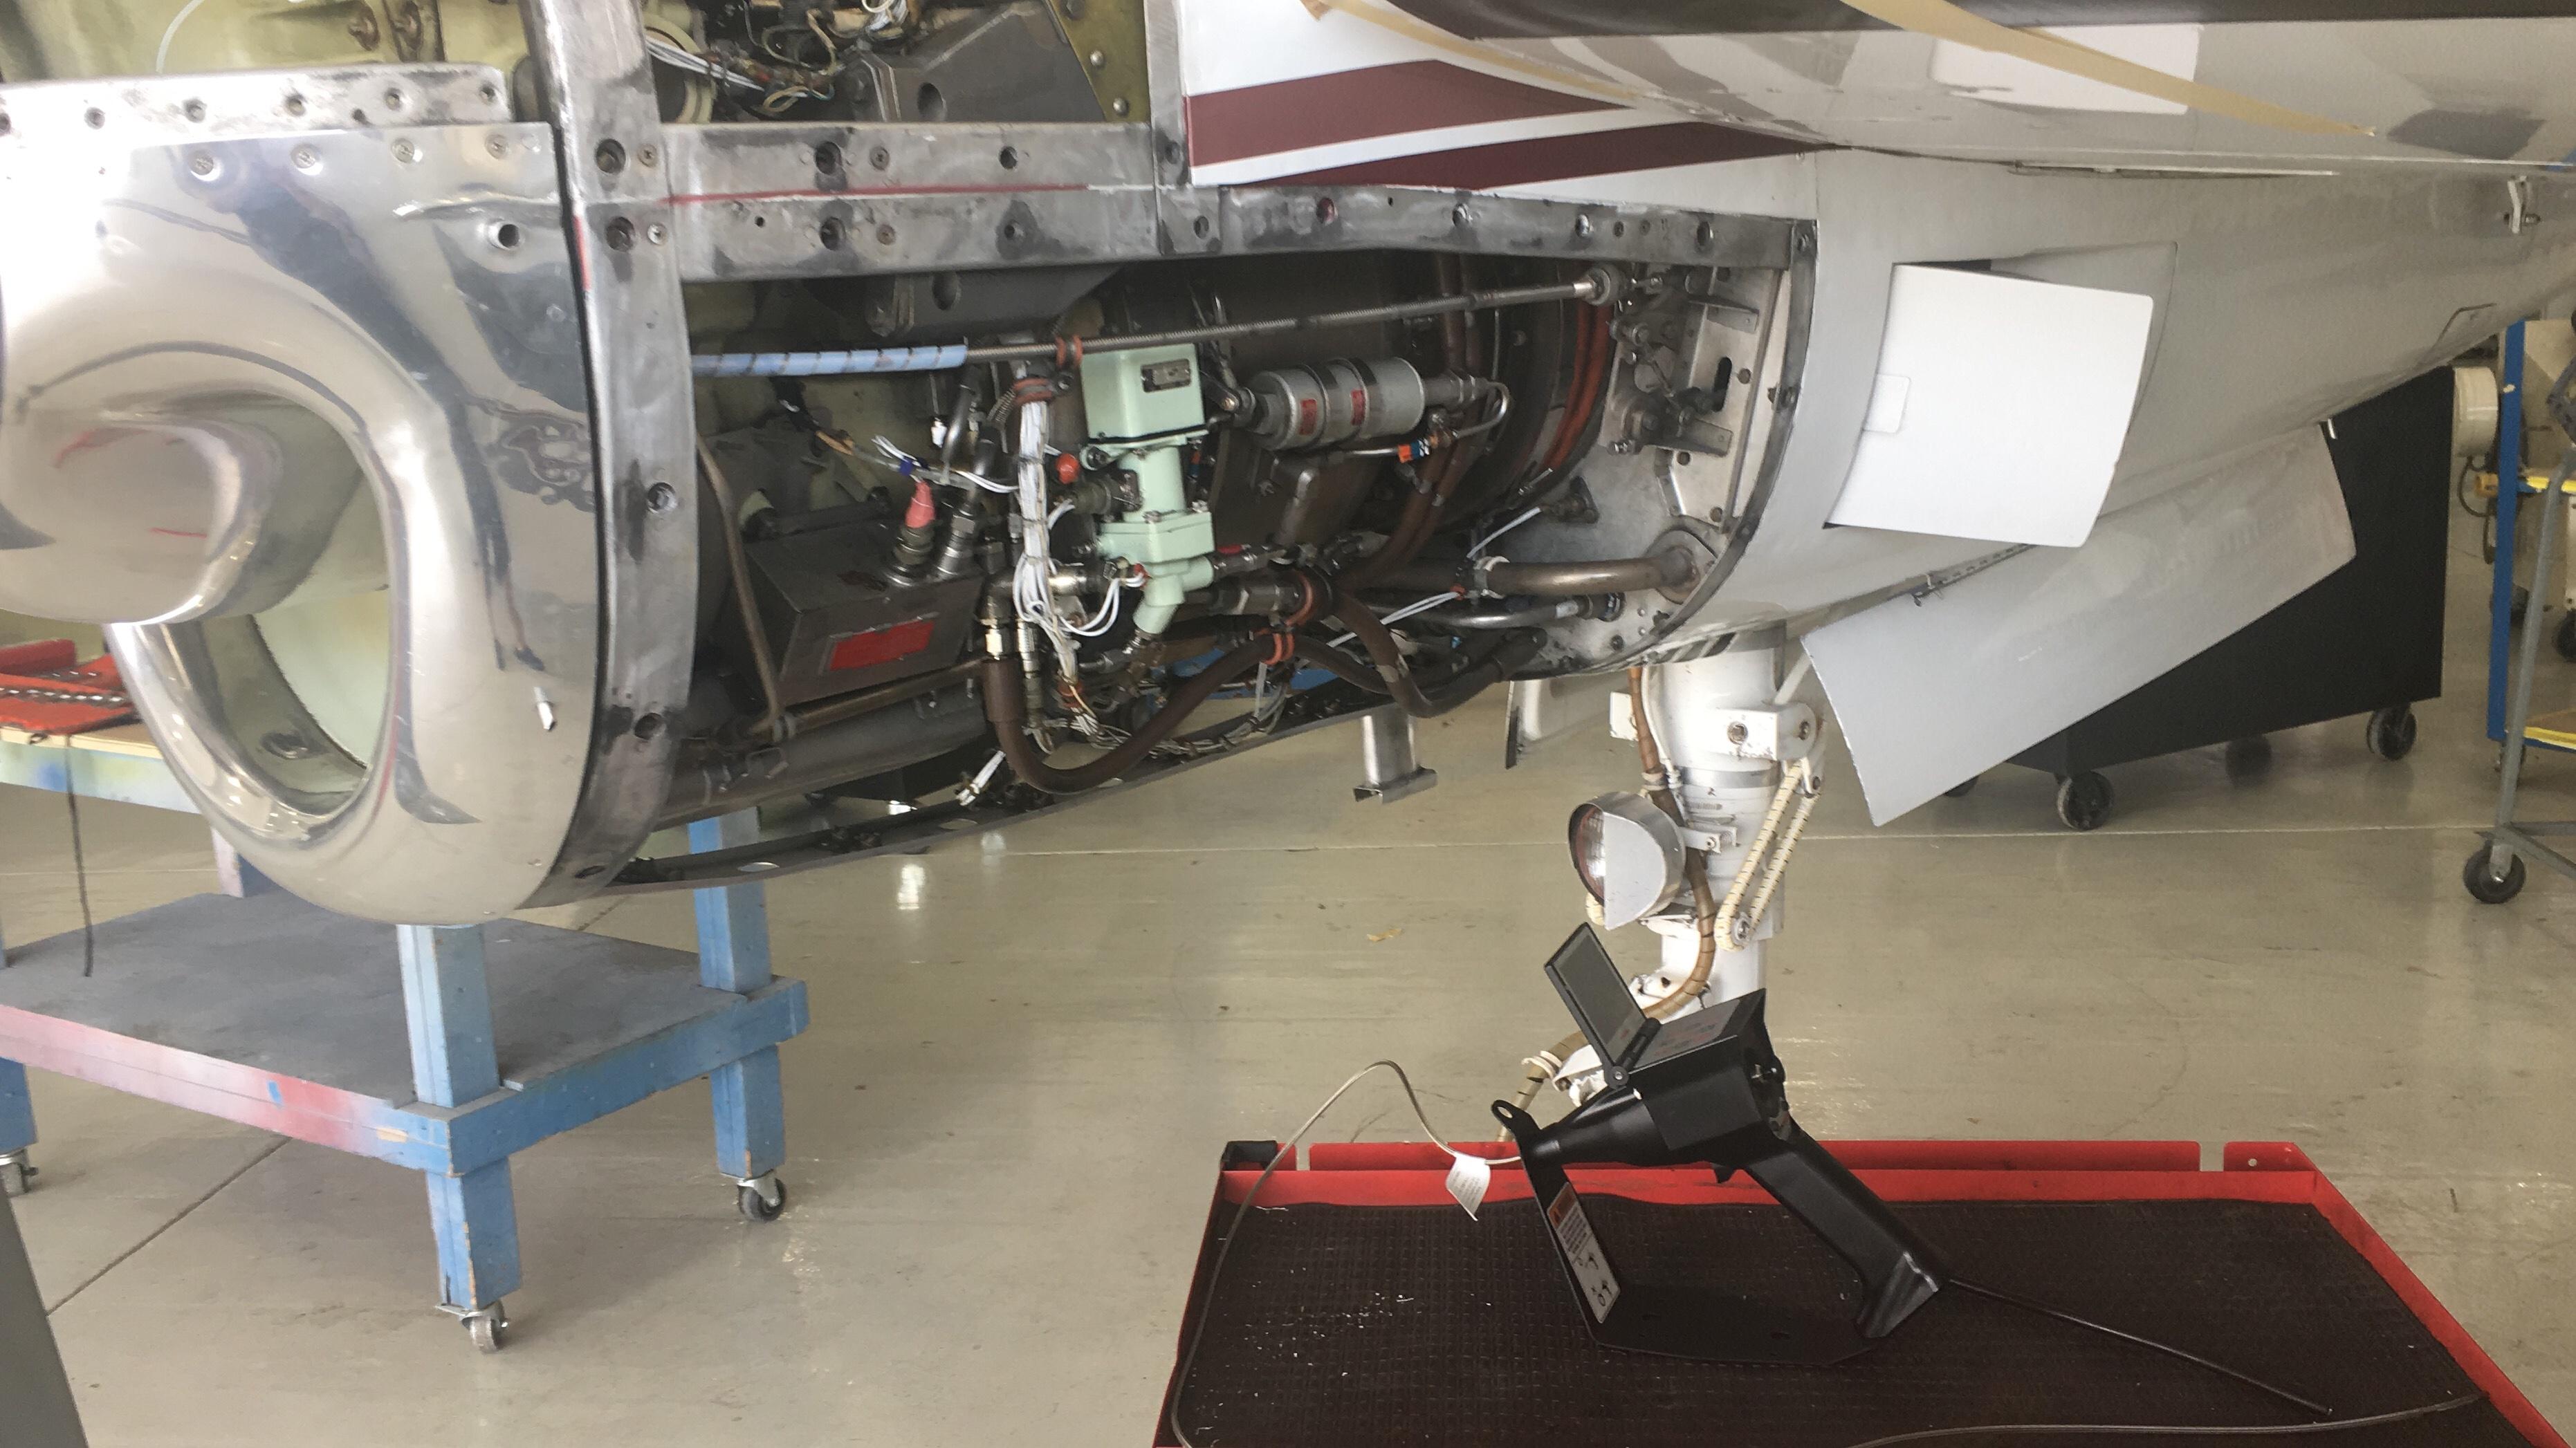 Honeywell TPE331 Engine Repair and Maintenance  - Hancock